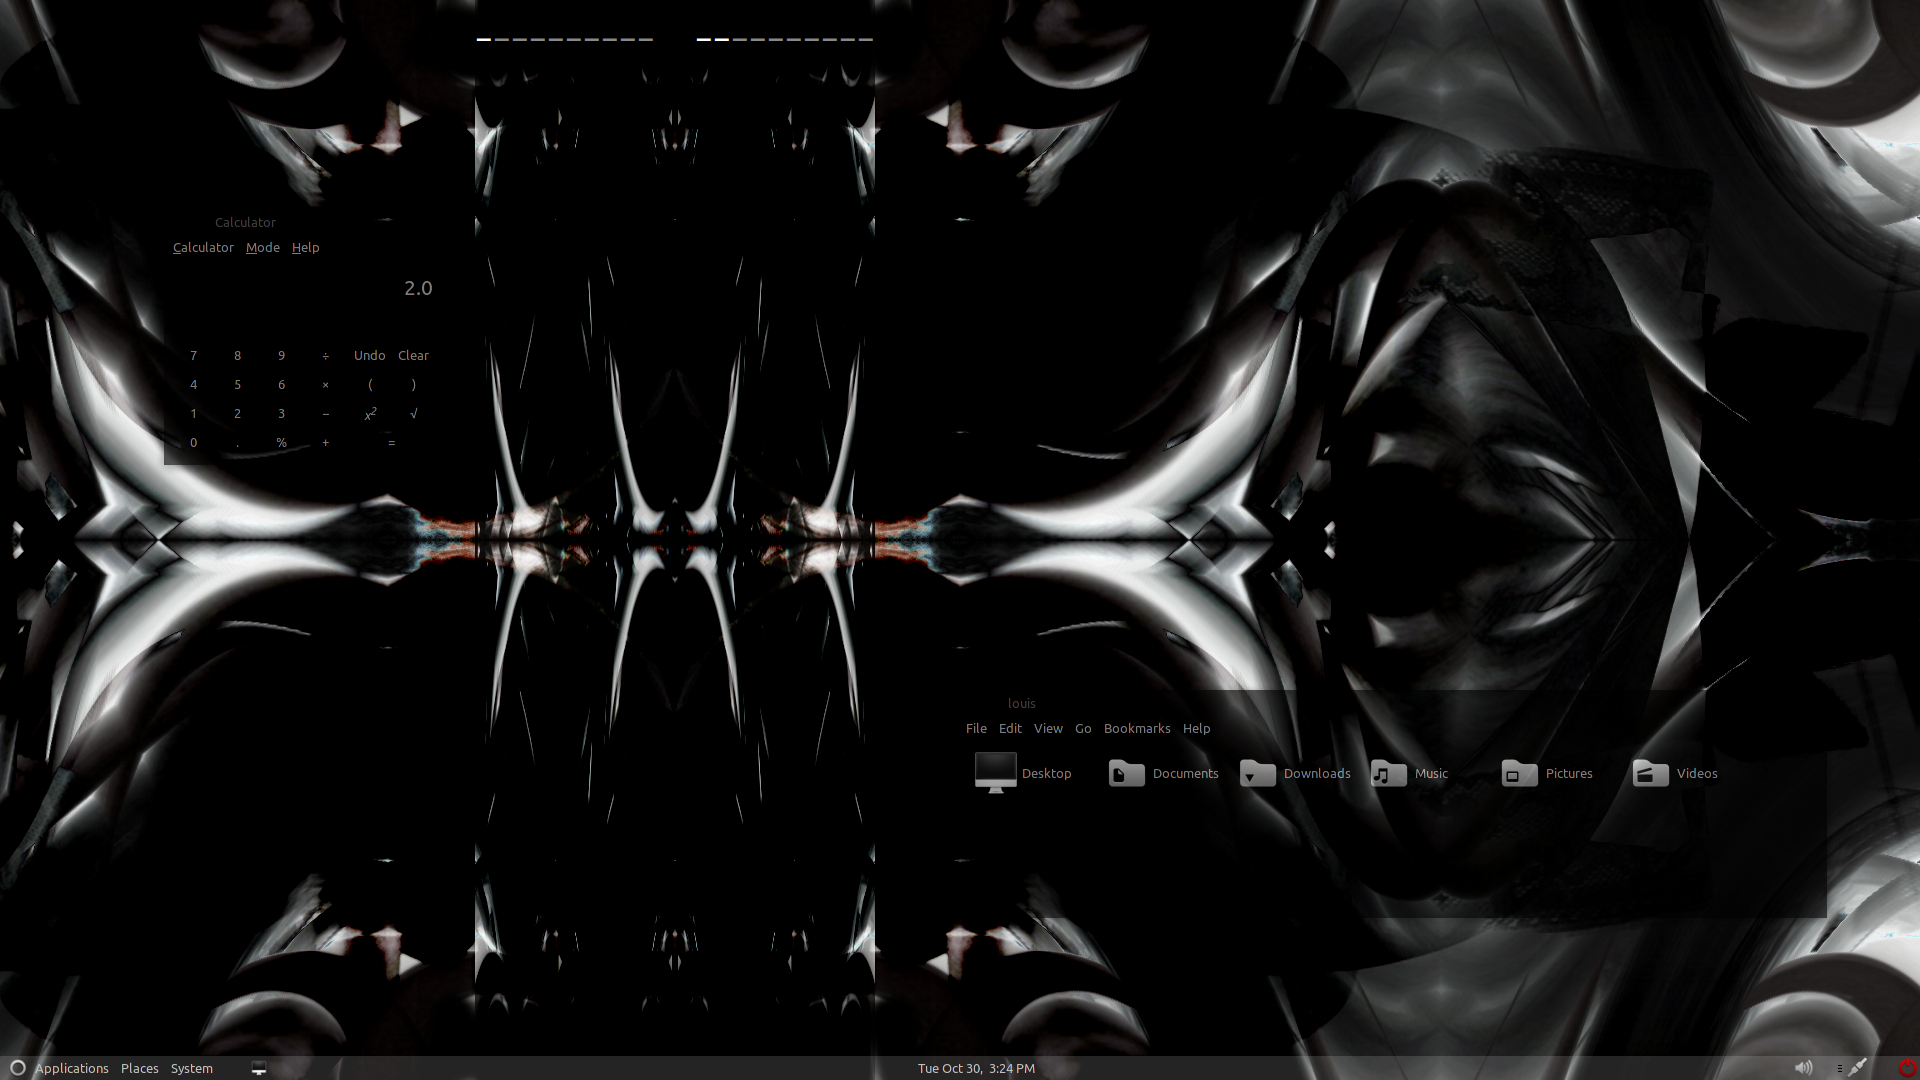 Biomechanical by pissnaround on DeviantArt